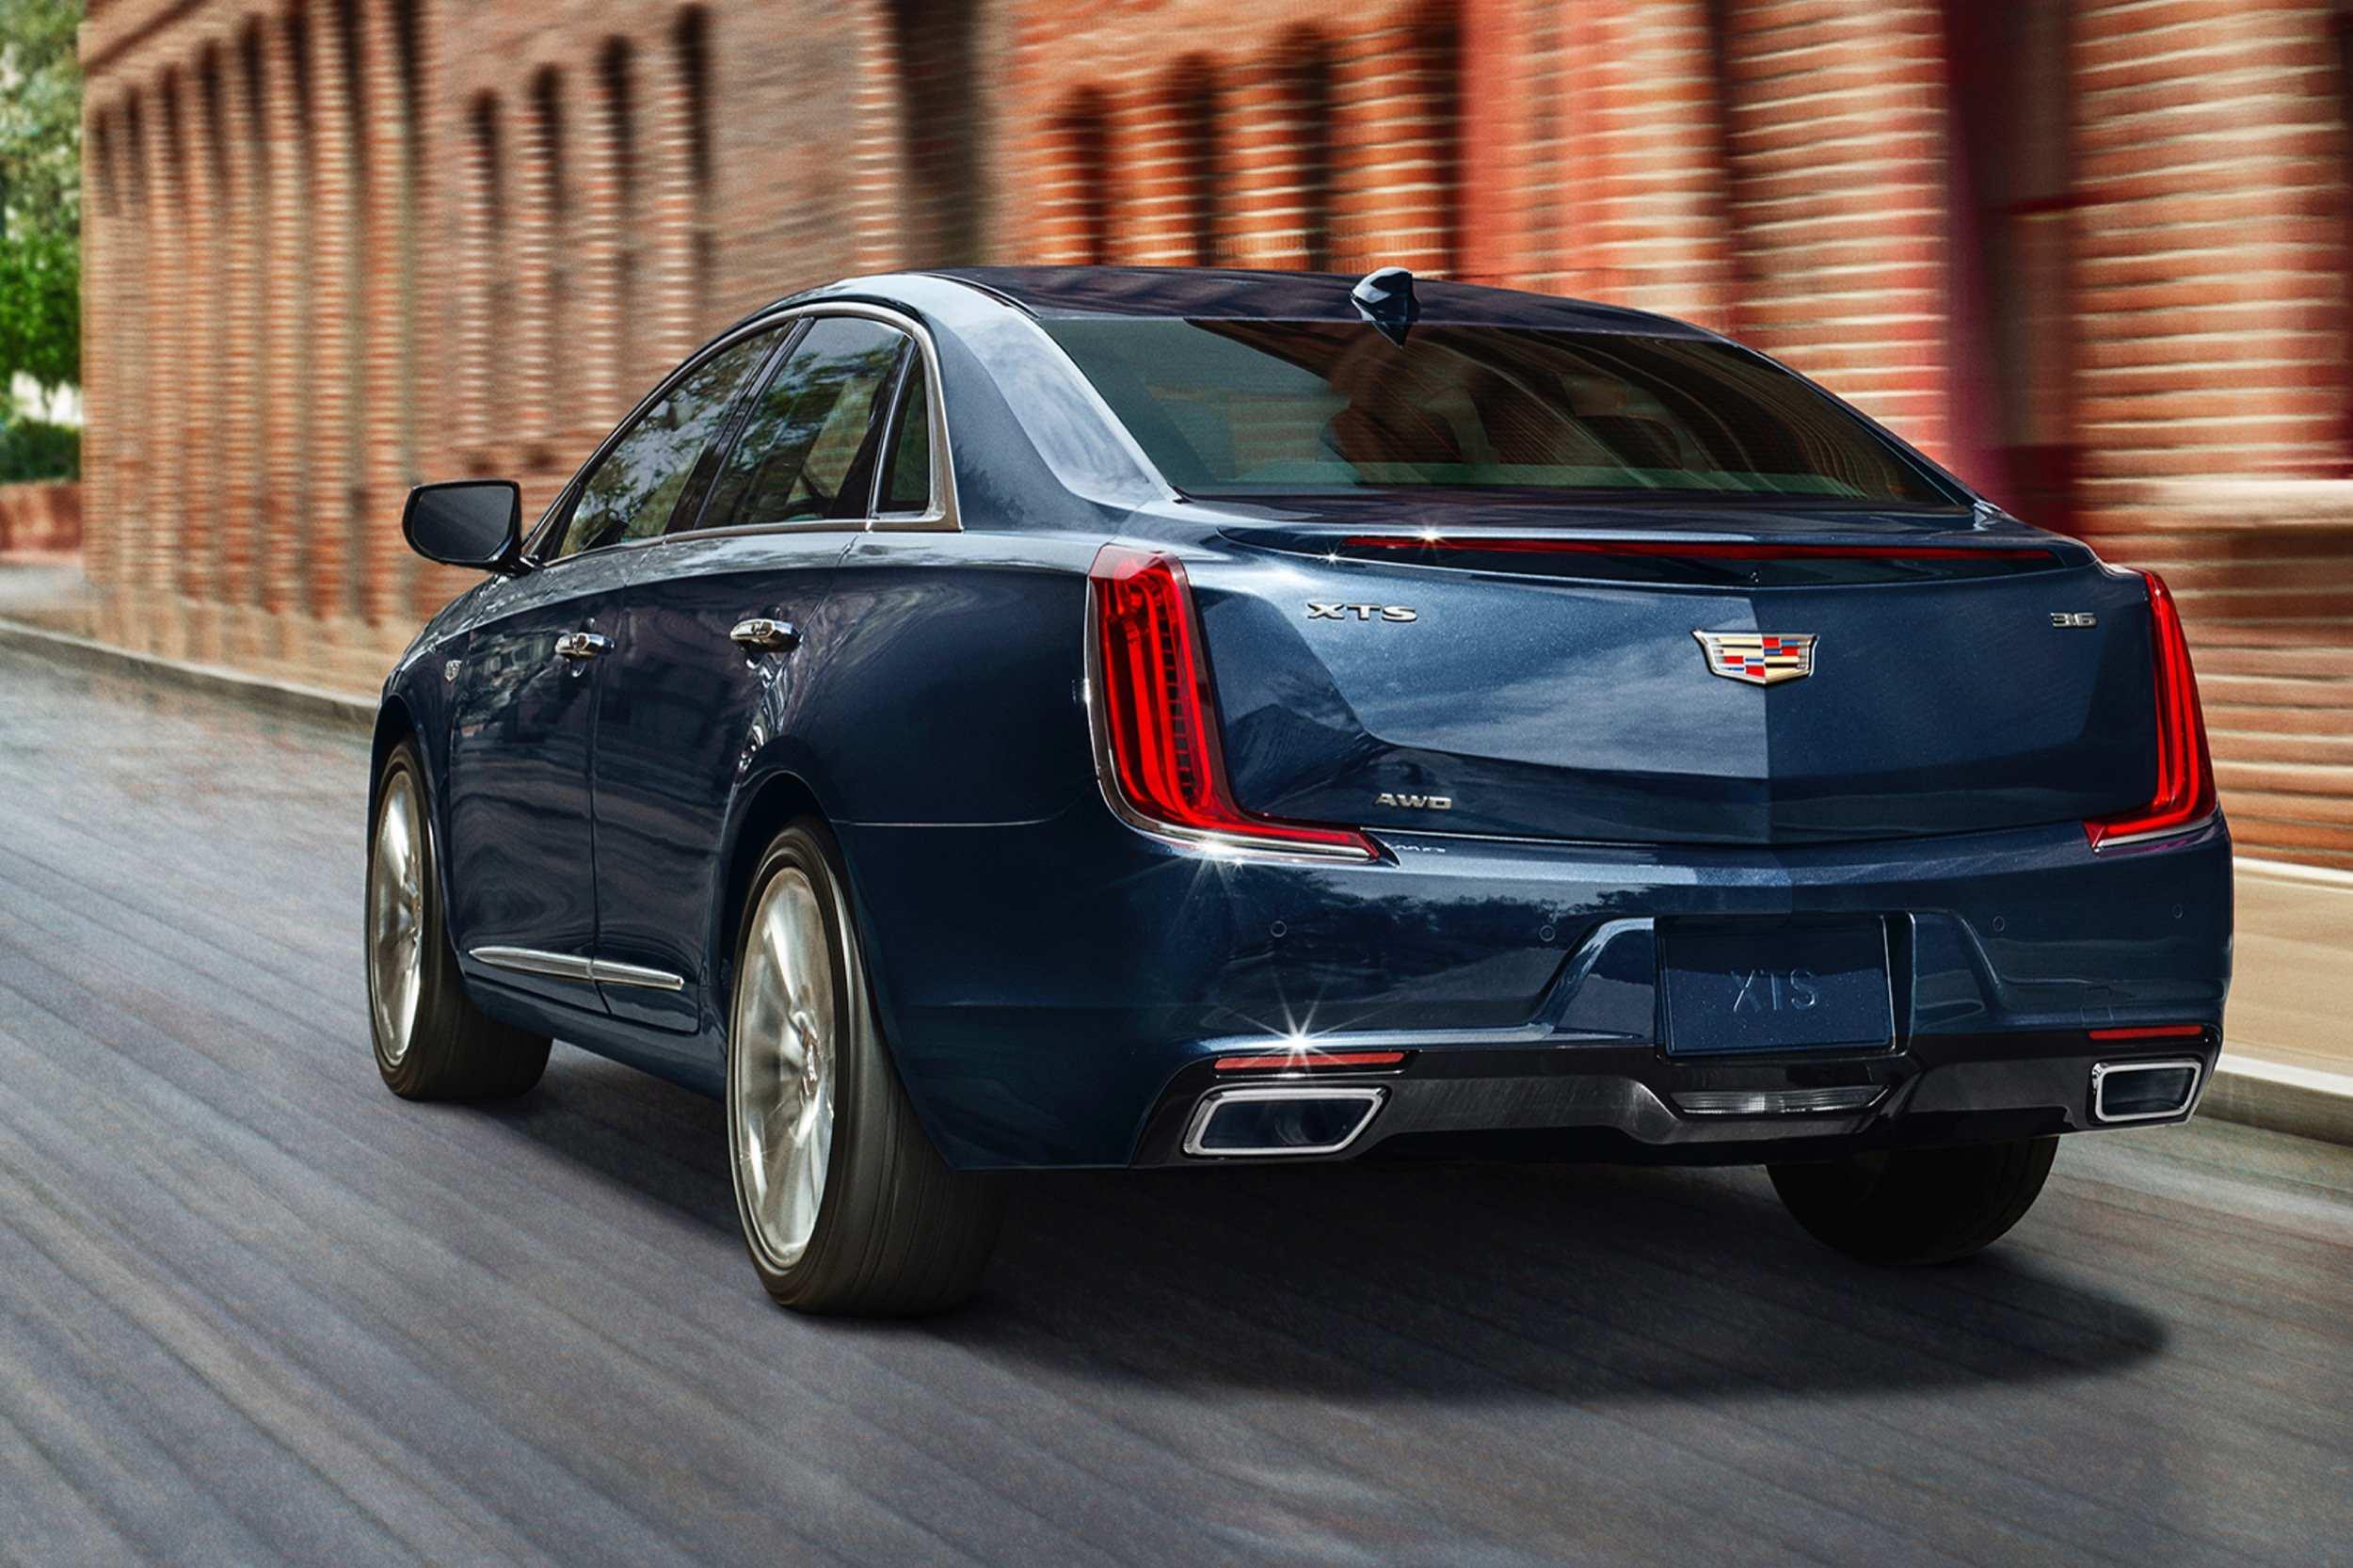 76 All New Cadillac Ats 2020 Reviews with Cadillac Ats 2020